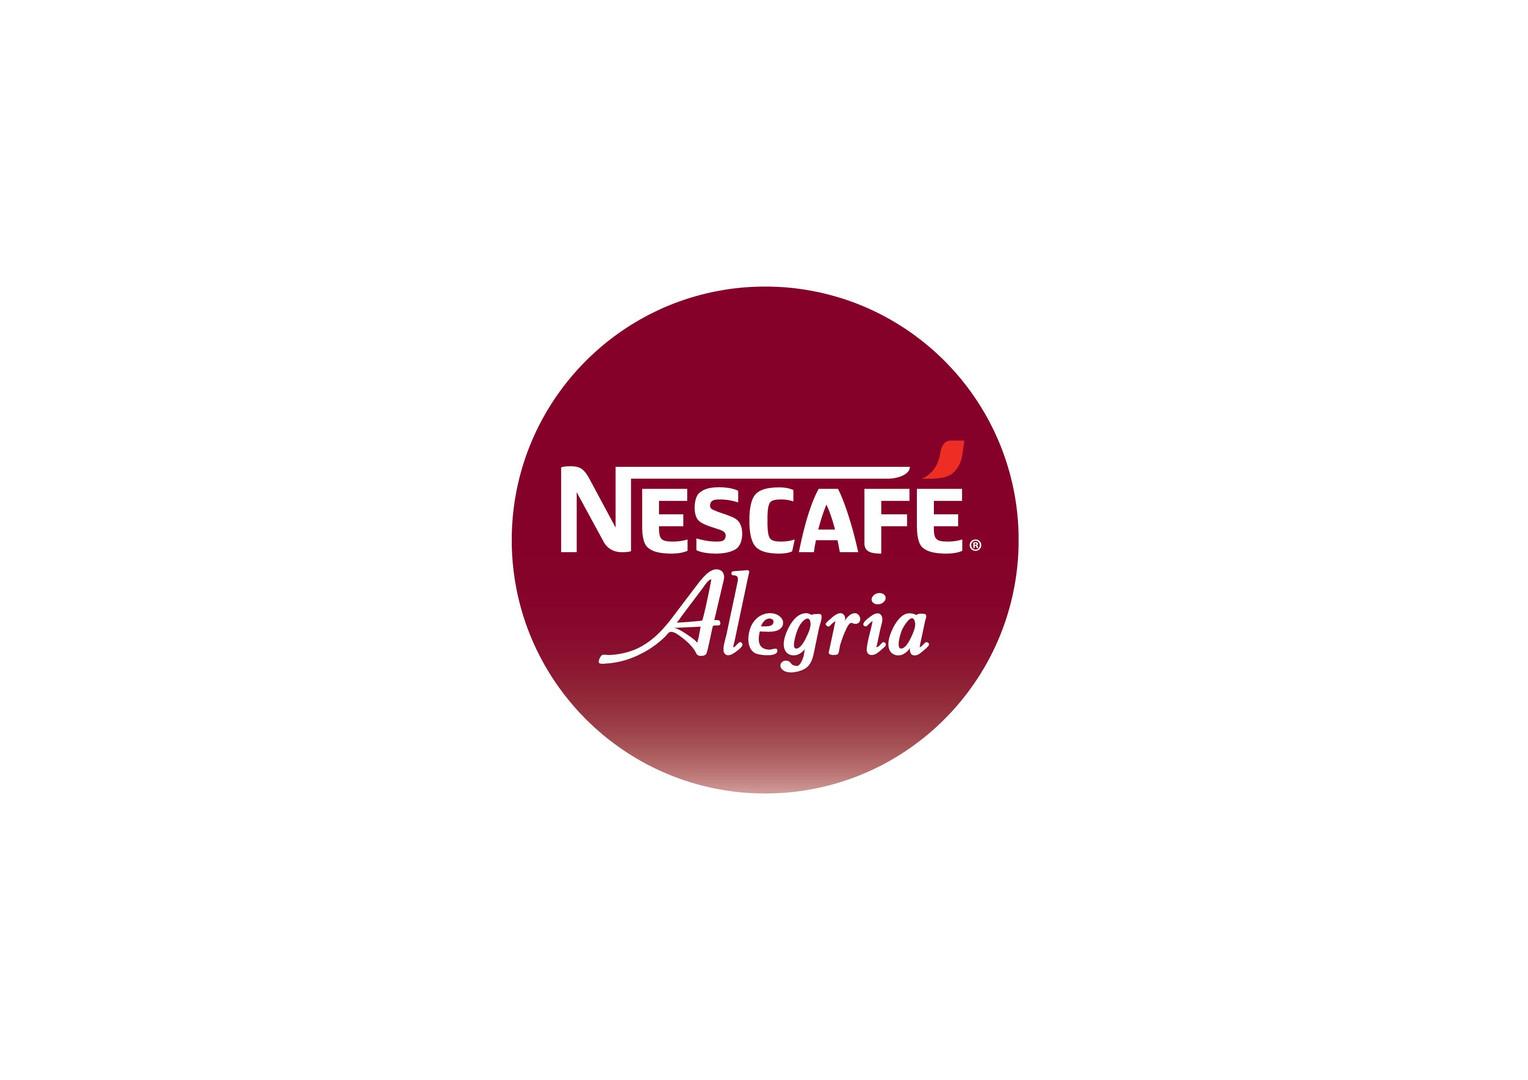 NESCAFE_ALEGRIA.jpg